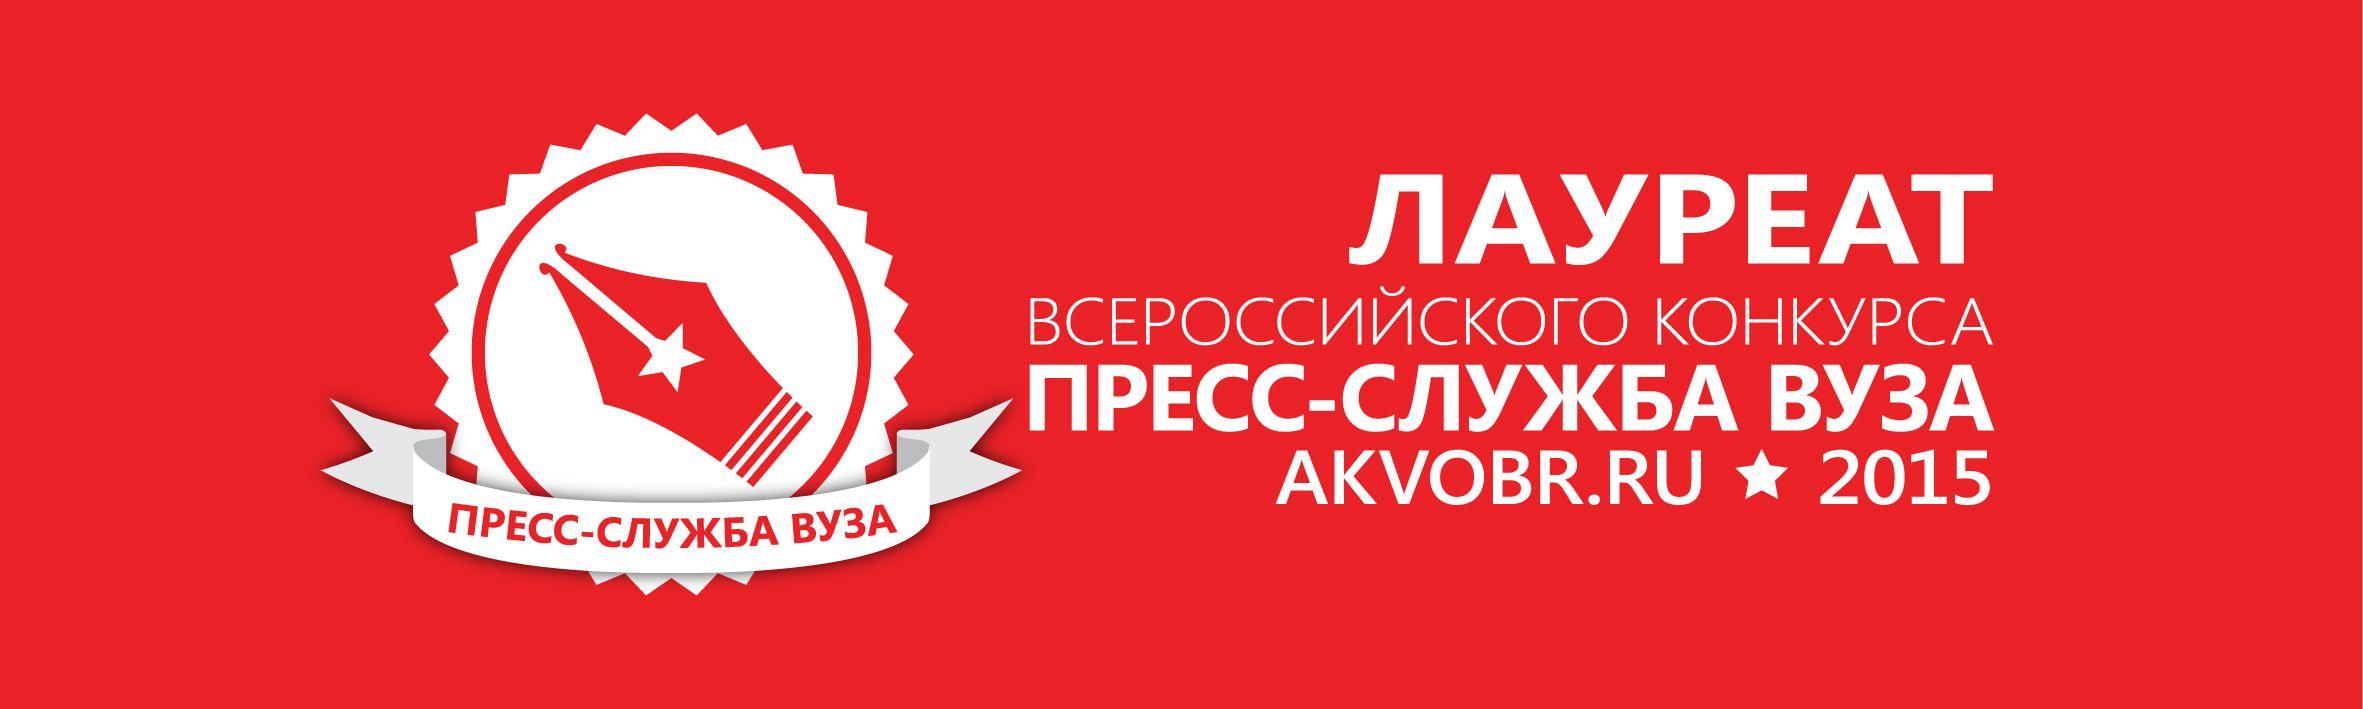 Пресс-служба ВГУЭС в числе лучших